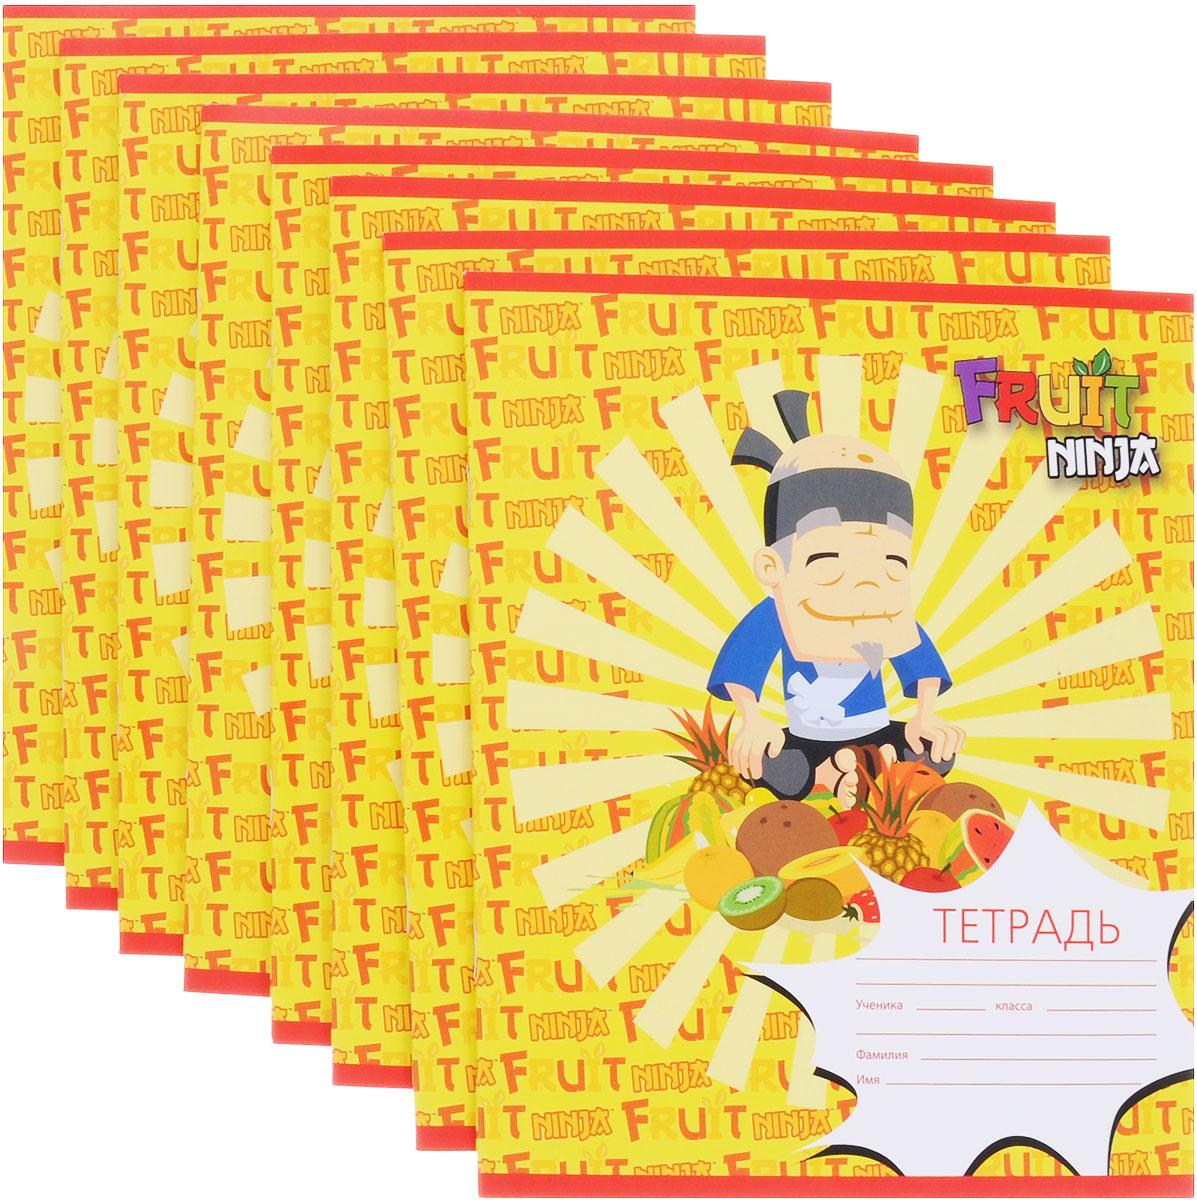 Action! Набор тетрадей Fruit Ninja 24 листа в клетку 8 шт цвет желтыйFN-AN 2402/5_ желтыйНабор тетрадей Fruit Ninja прекрасно подойдет для учащихся младших классов и средней школы. Внутренний блок каждой тетради состоит из 24 листов белой бумаги. Страницы размечены стандартной линовкой в голубую клетку и дополнены полями, совпадающими с лицевой и оборотной сторонами листа. Набор состоит из 8 тетрадей в обложках из картона высокой плотности.